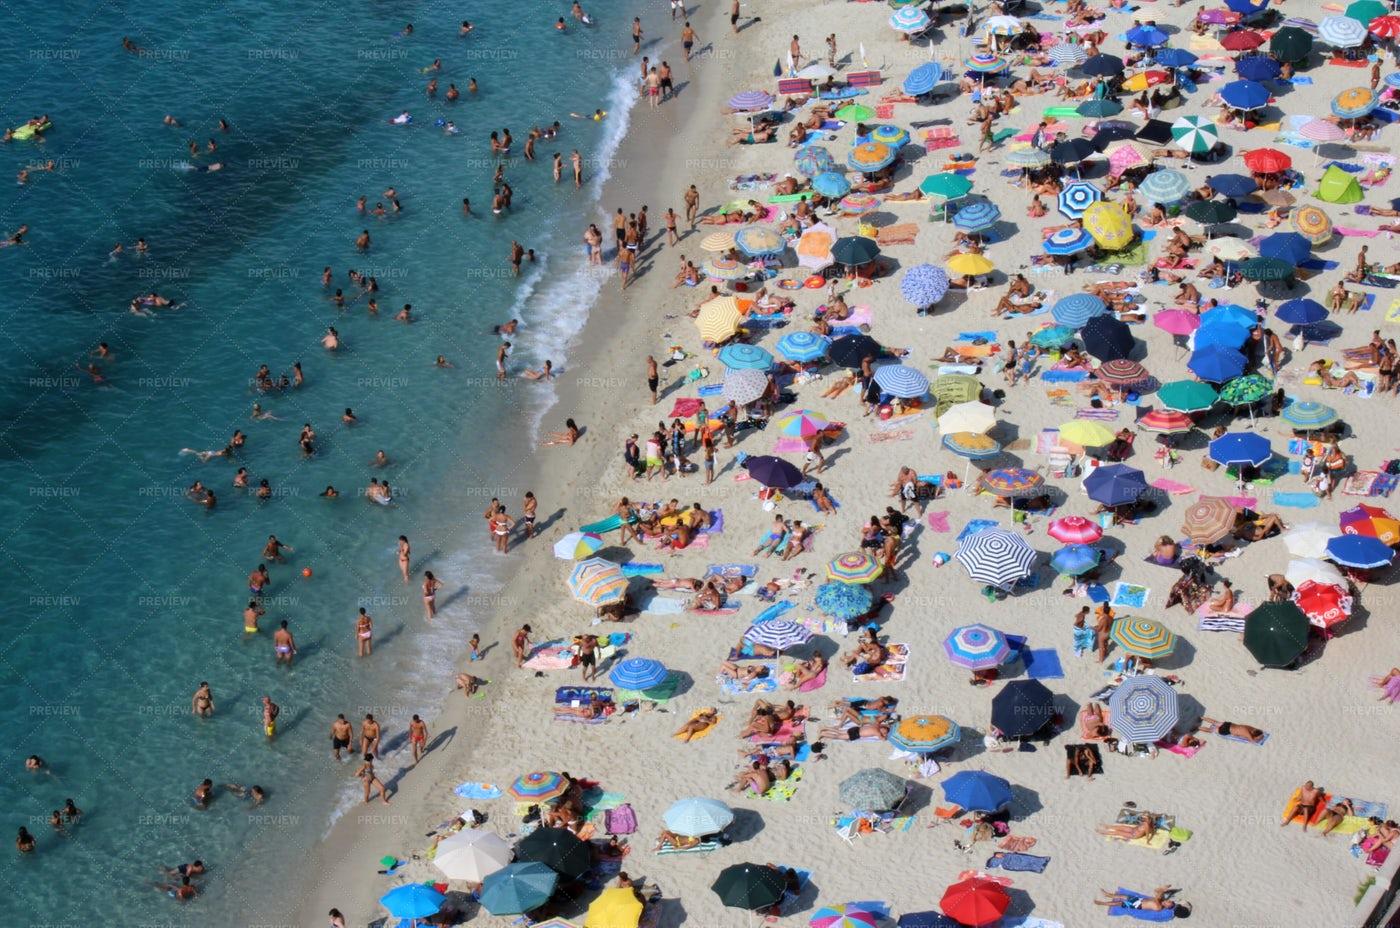 Tourist On A White Sand Beach: Stock Photos